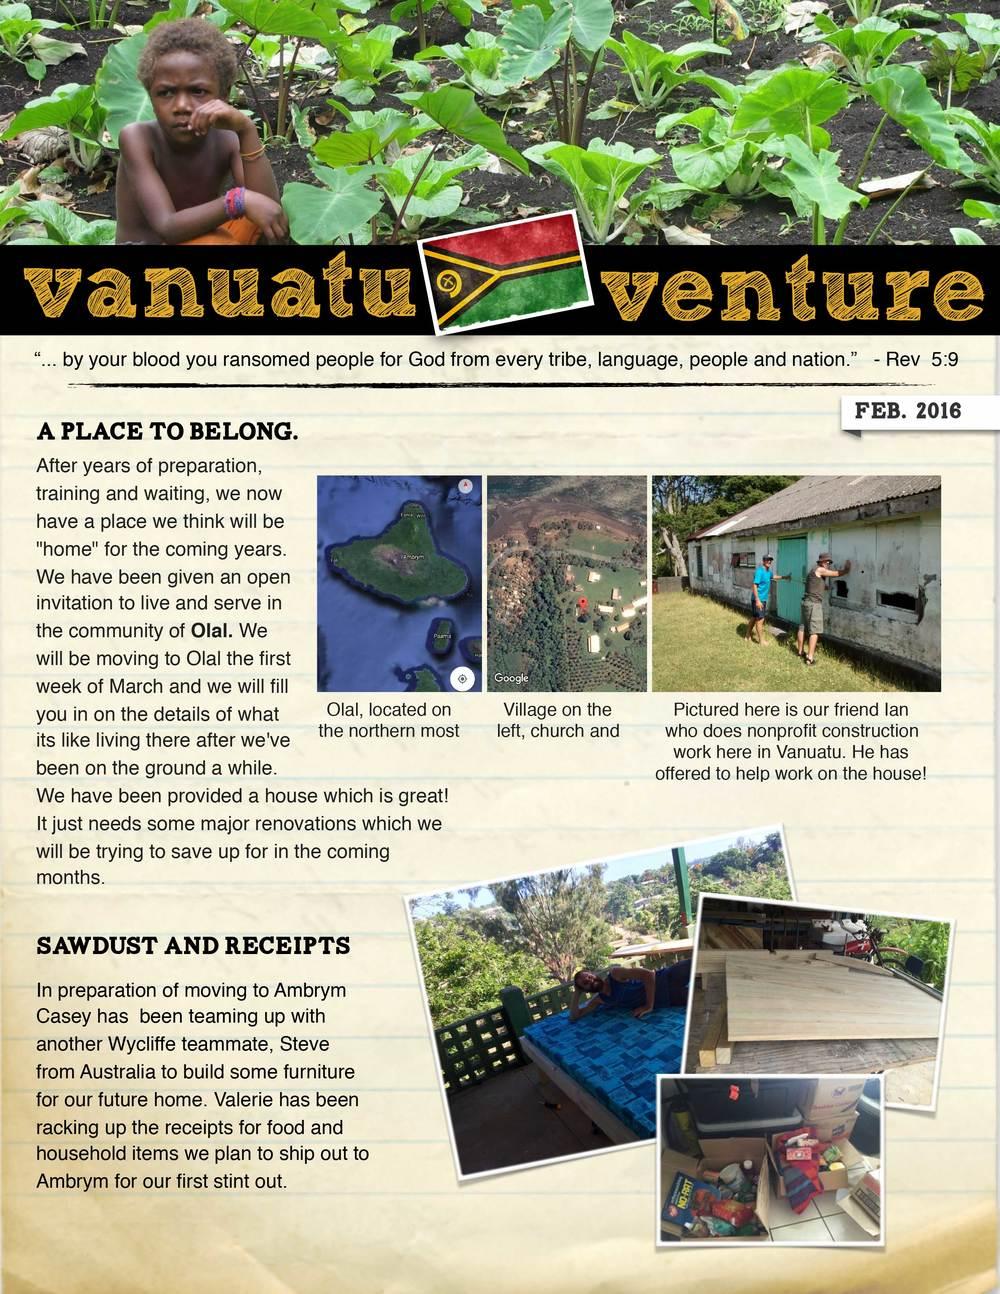 Vanuatu-Venture-Feb-2016-1.jpg